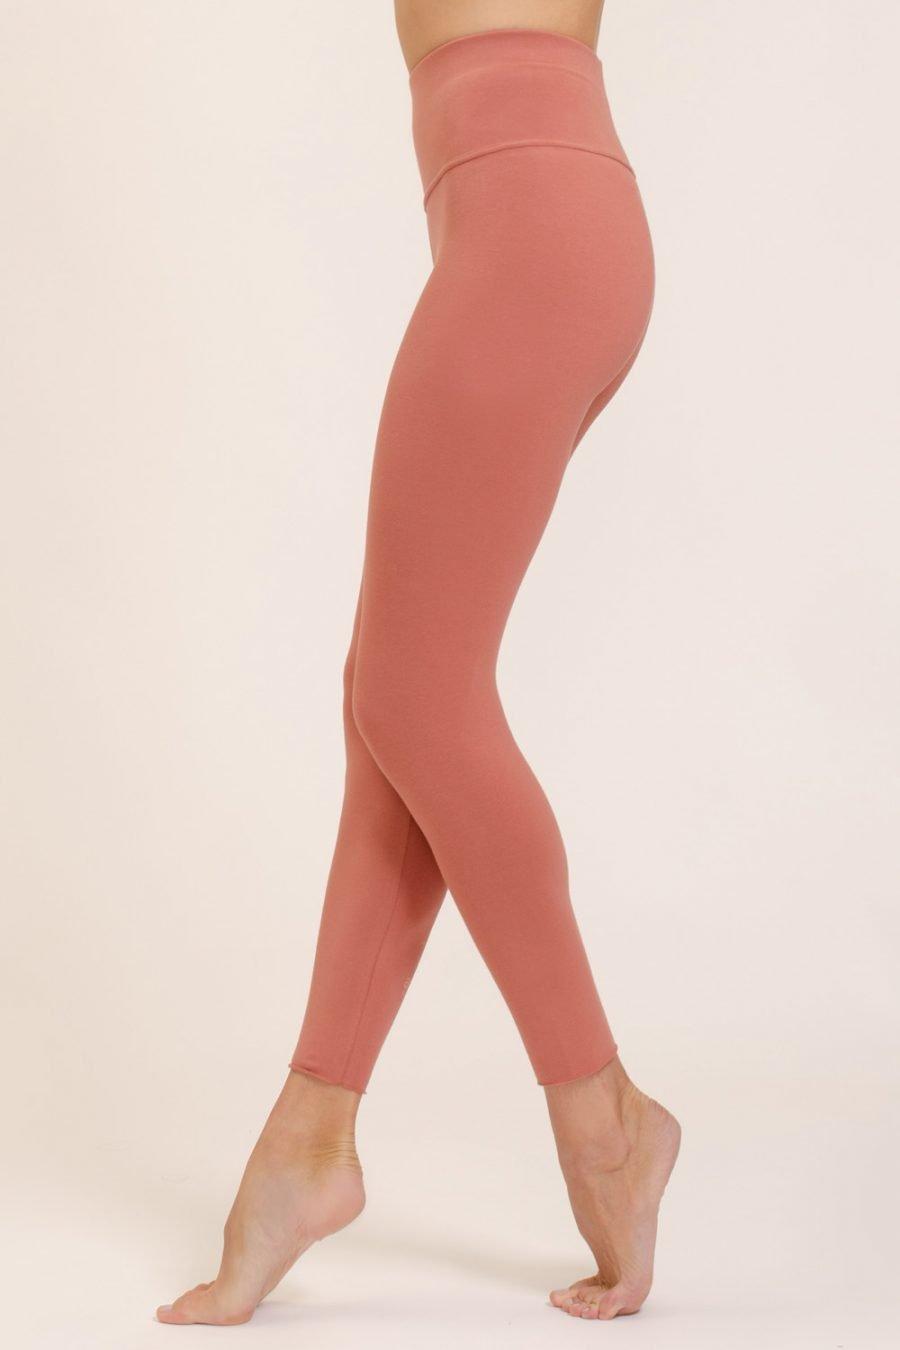 leggings vira abbigliamento yoga donna made in Italy colore blush